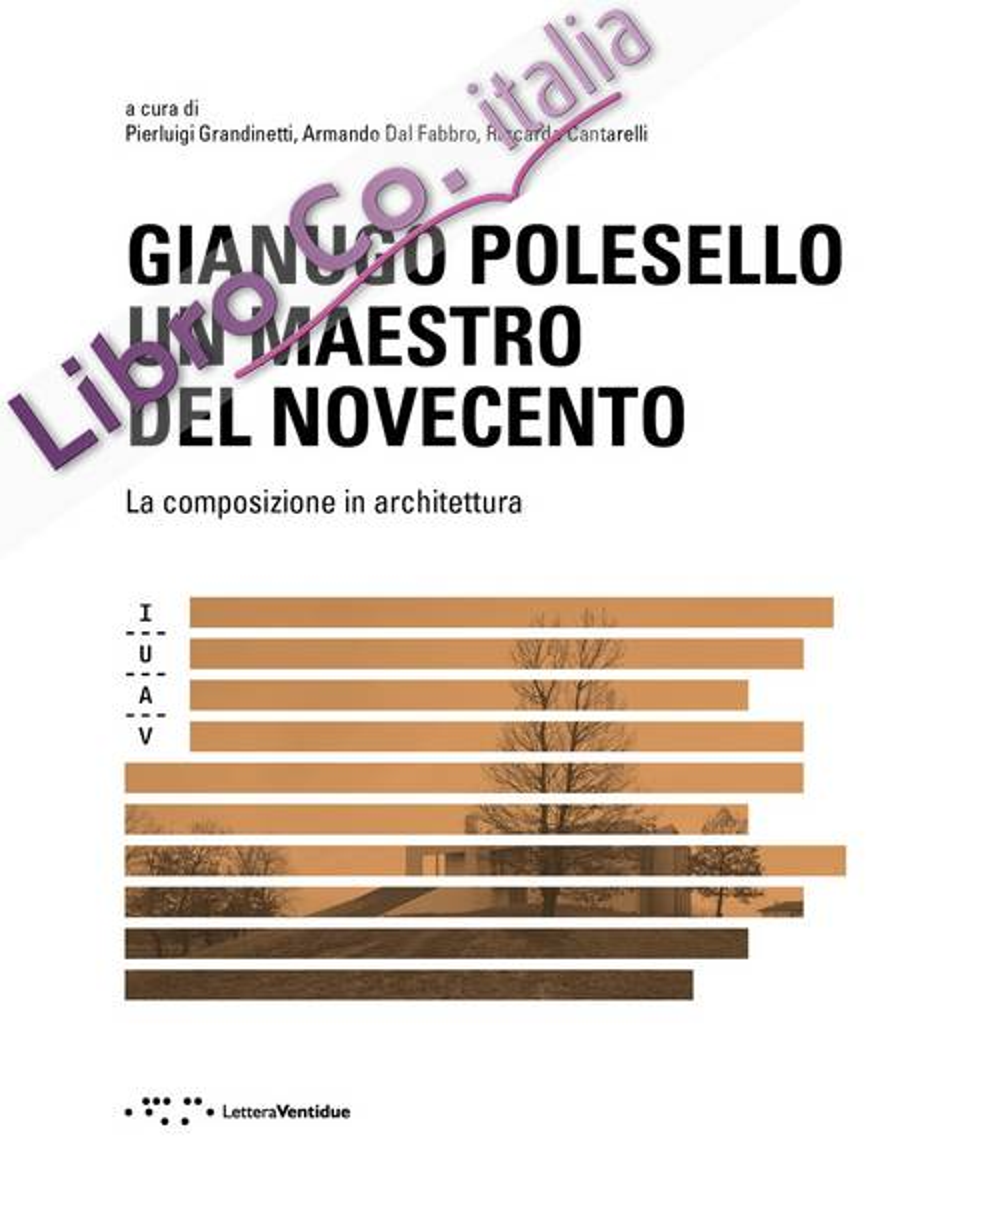 Gianugo Polesello. Un maestro del Novecento. La composizione in architettura